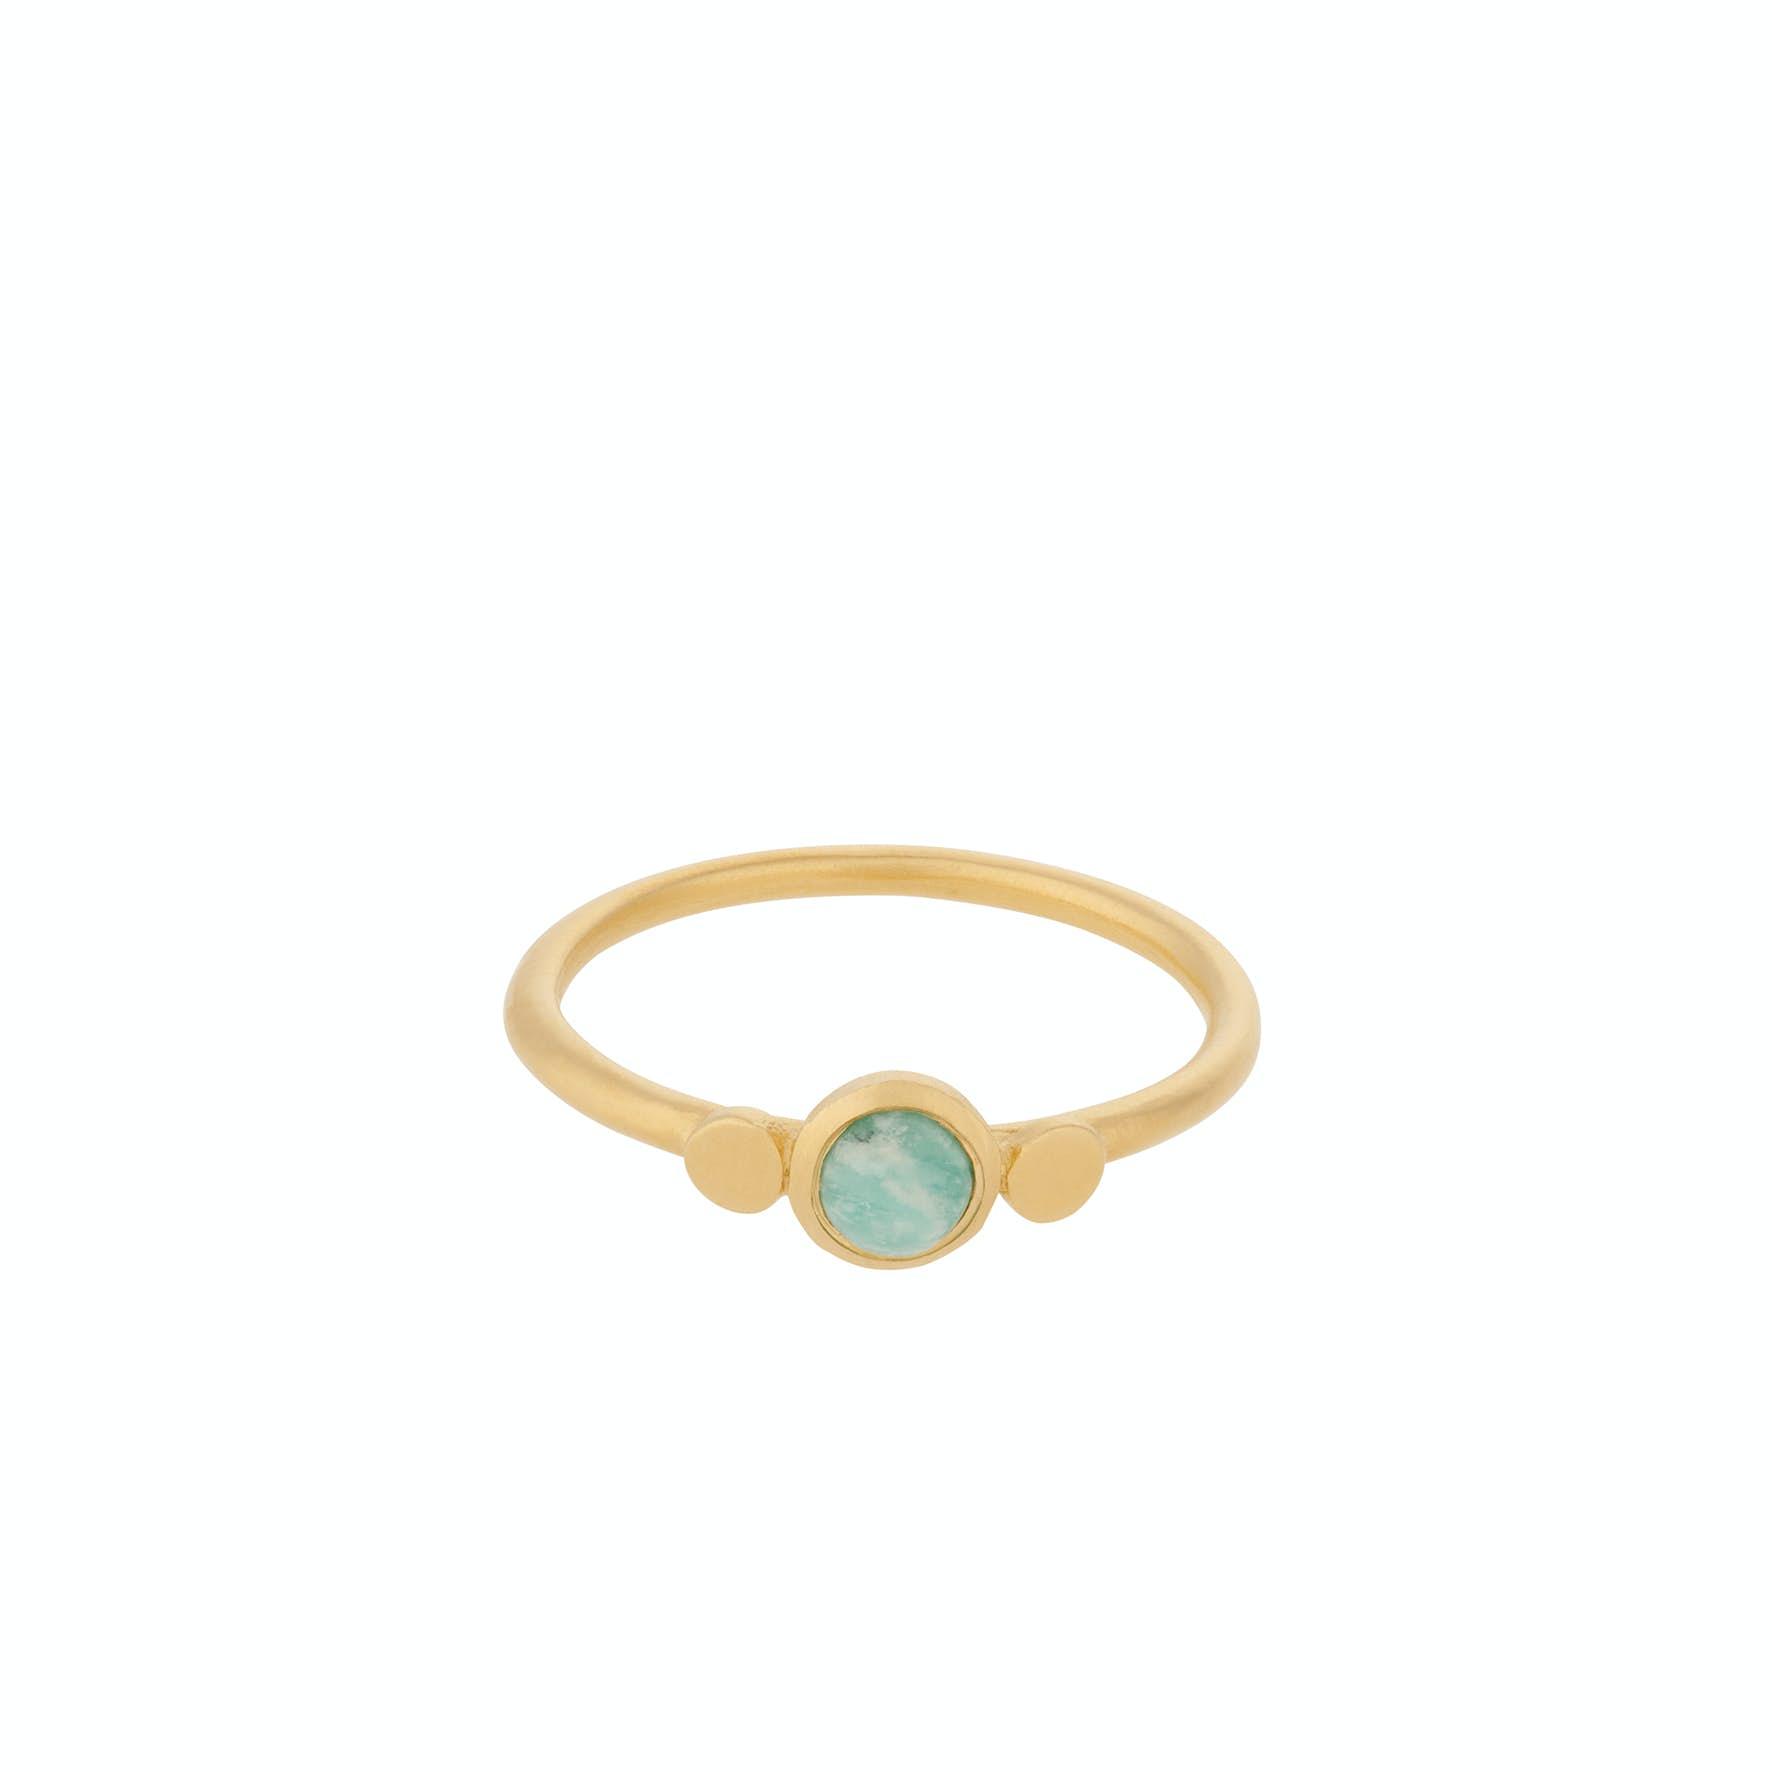 Fjord Ring von Pernille Corydon in Vergoldet-Silber Sterling 925|Amazonite